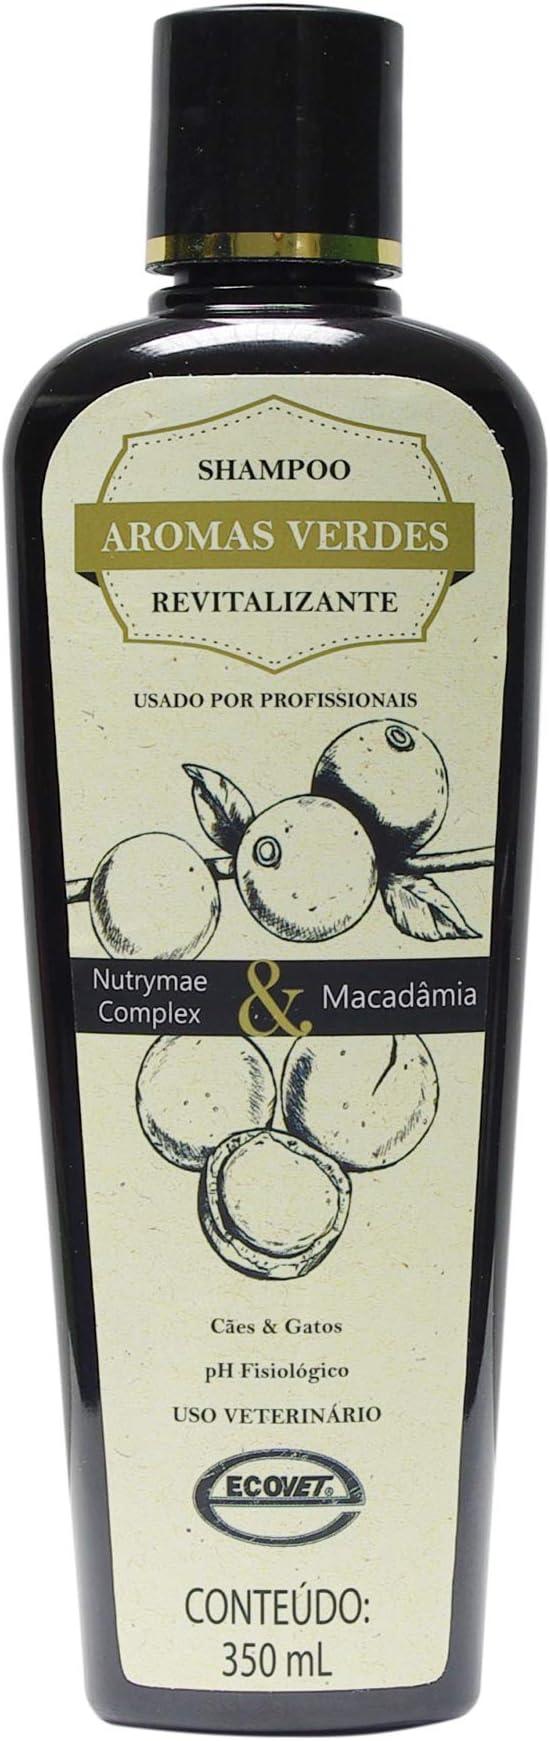 Aromas Verdes Shampoo Reparador & Revitalizador 350ml Ecovet para Cães, 350ml por ECOVET